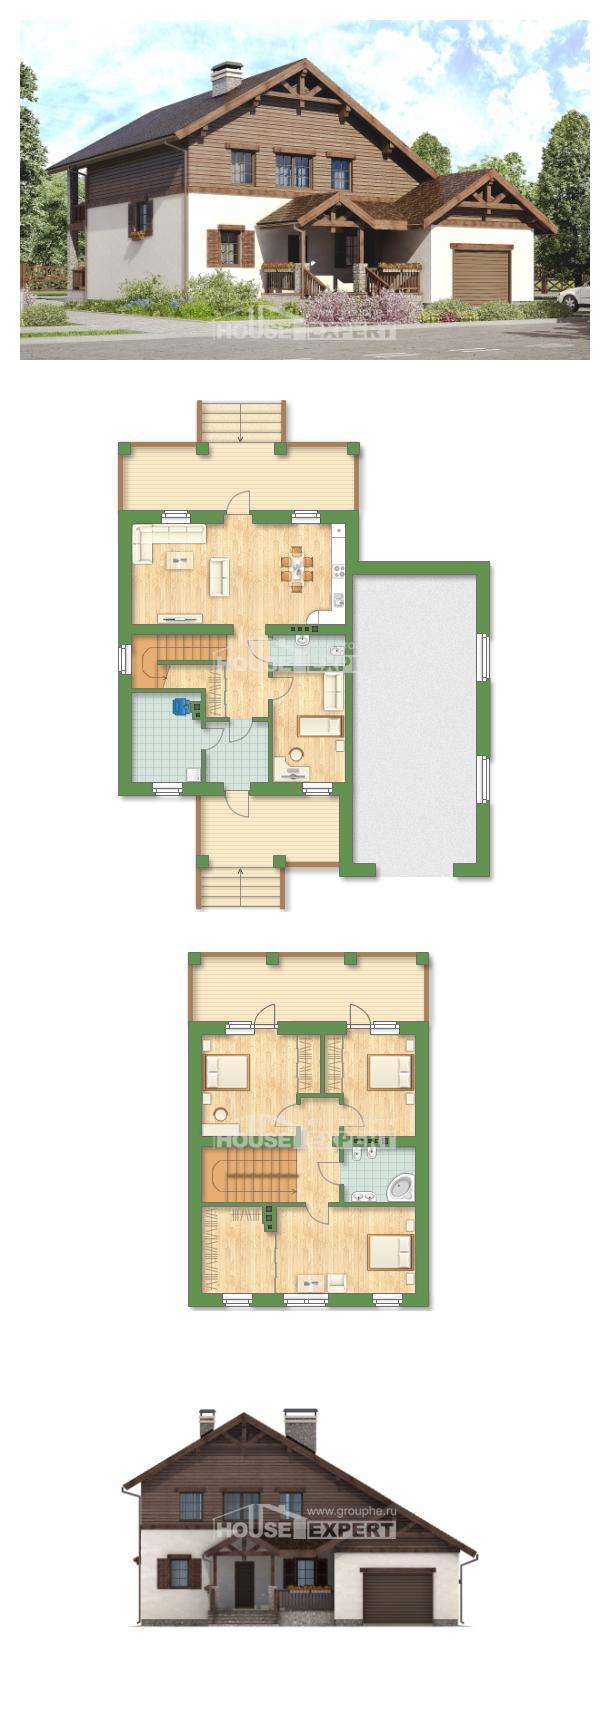 Проект дома 200-003-П   House Expert